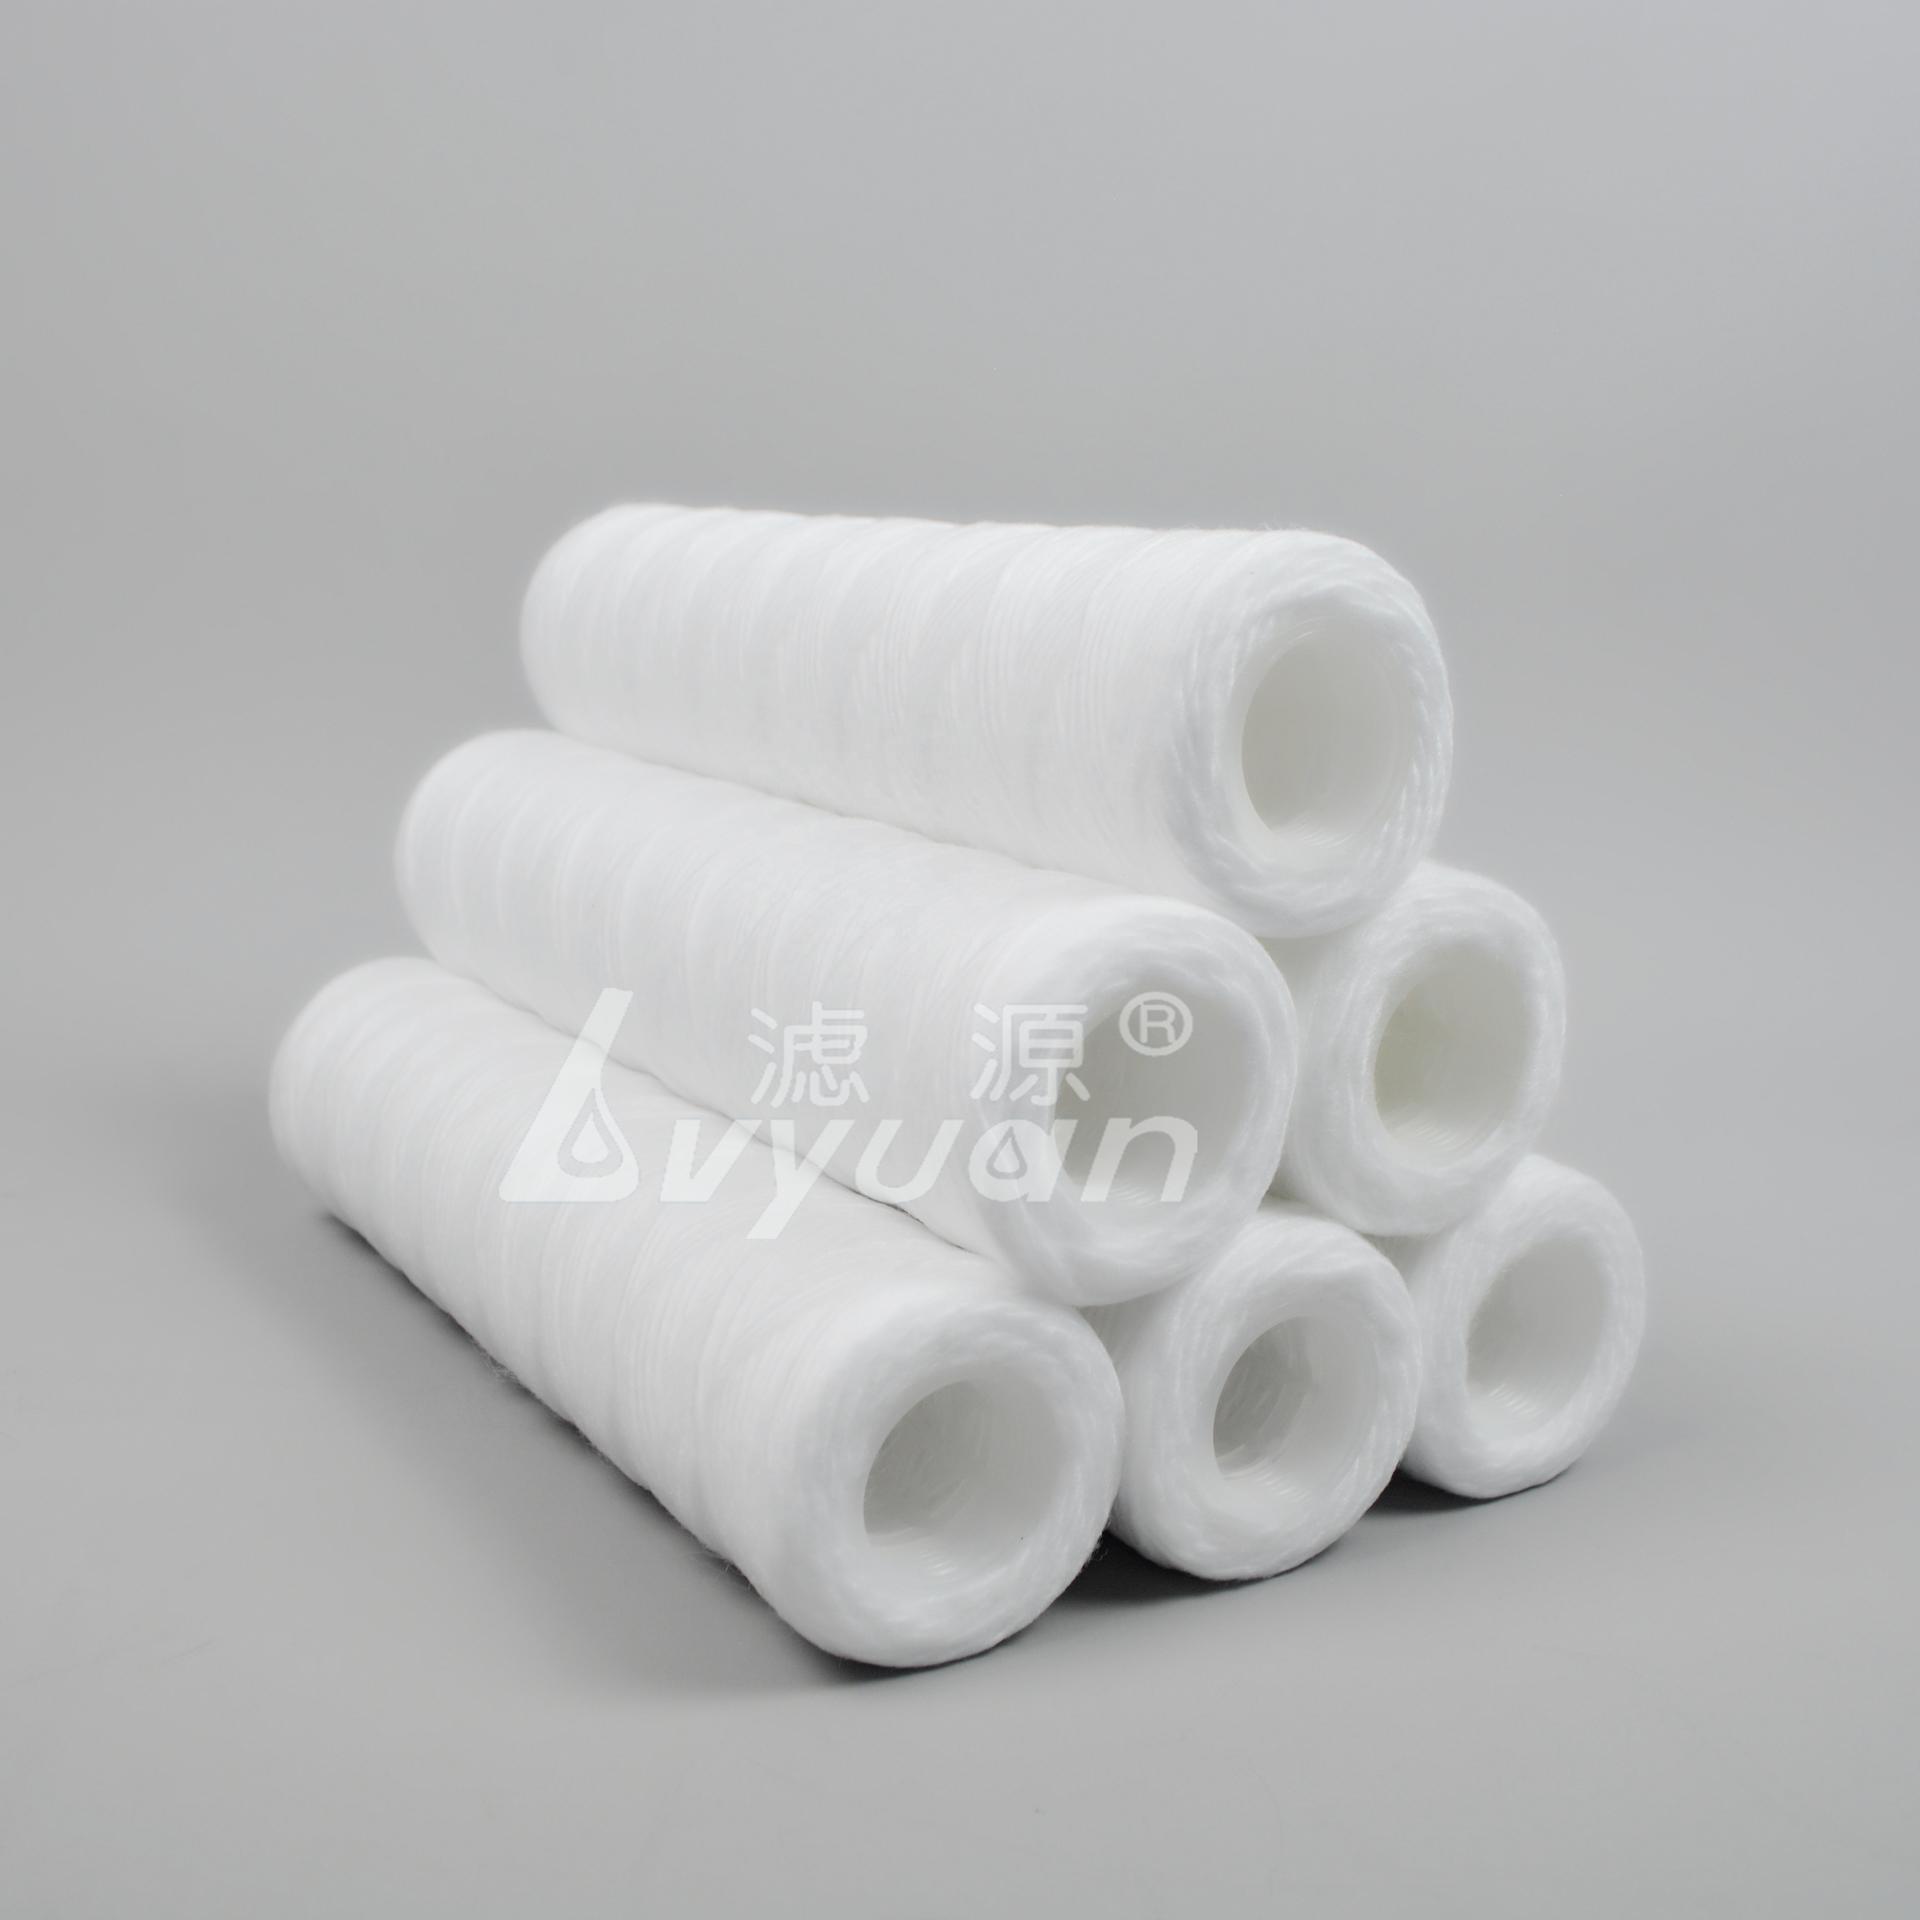 1 5 micron polypropylene filter cartridge/string wound filter cartridge/water cartridges for juice filtration